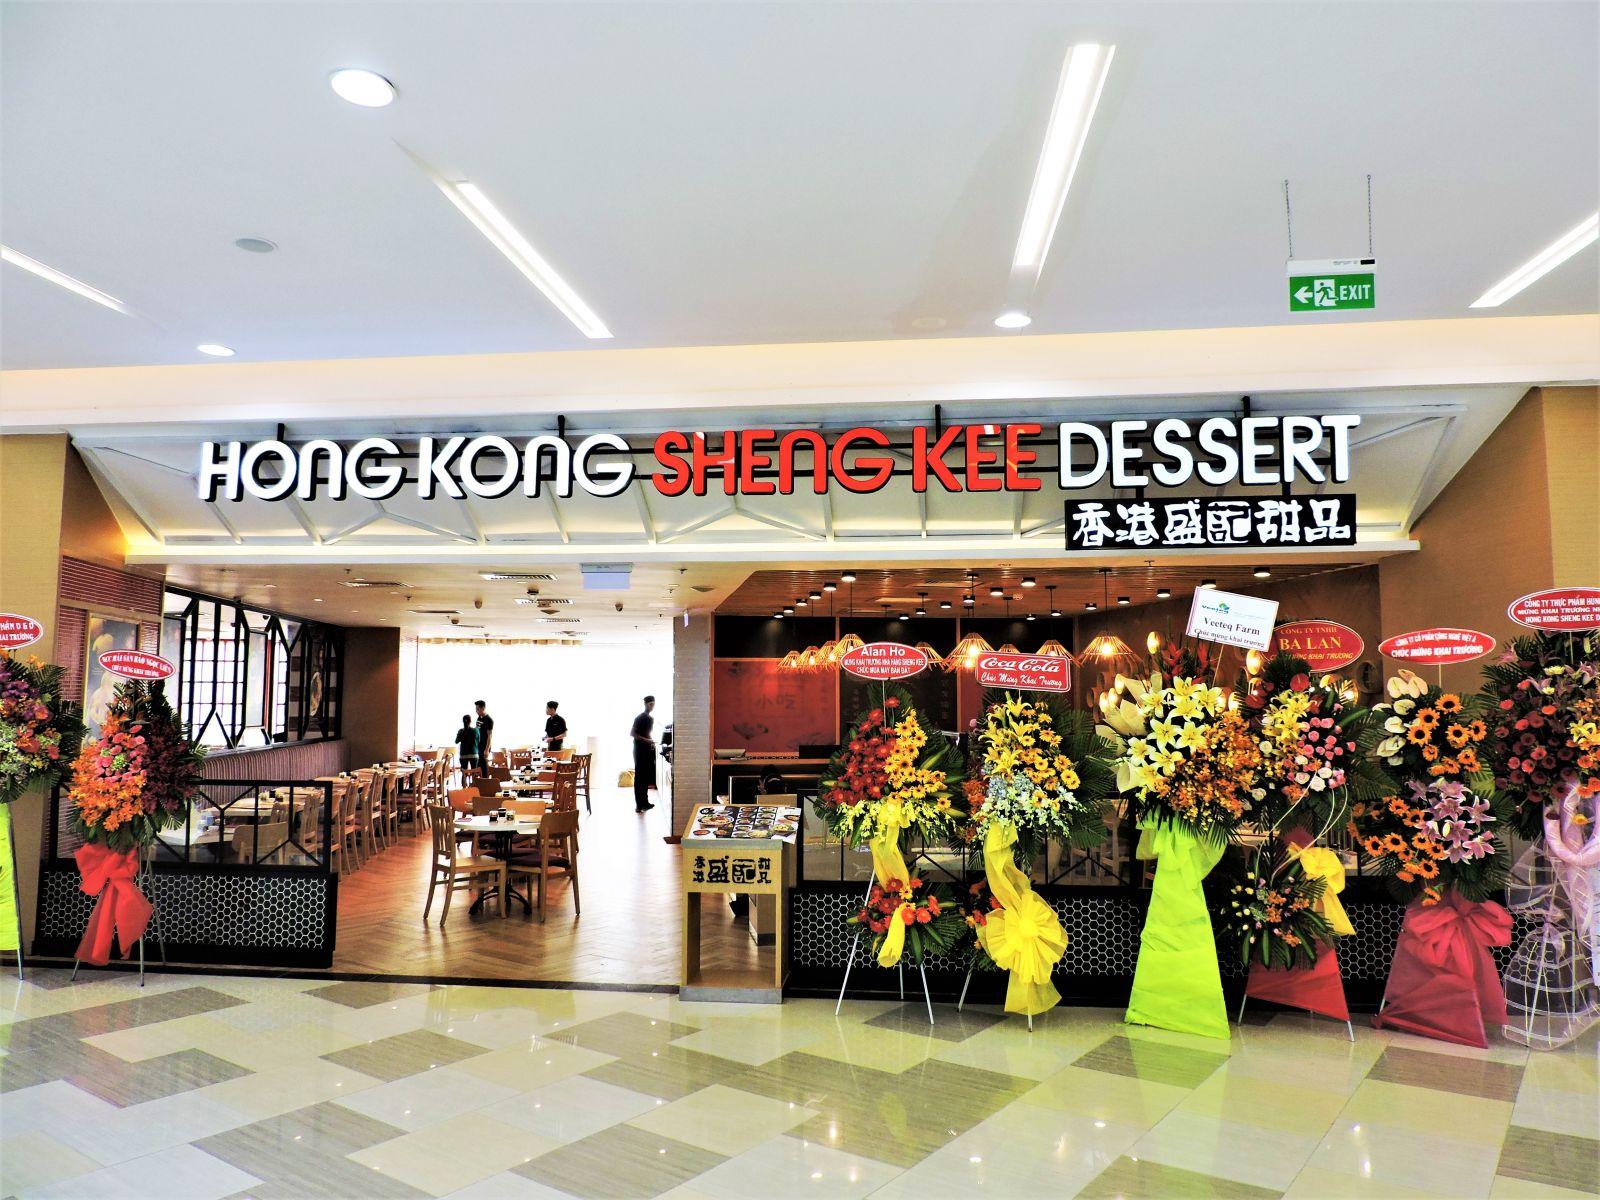 Công trình nhà hàng Hong Kong Shengkee